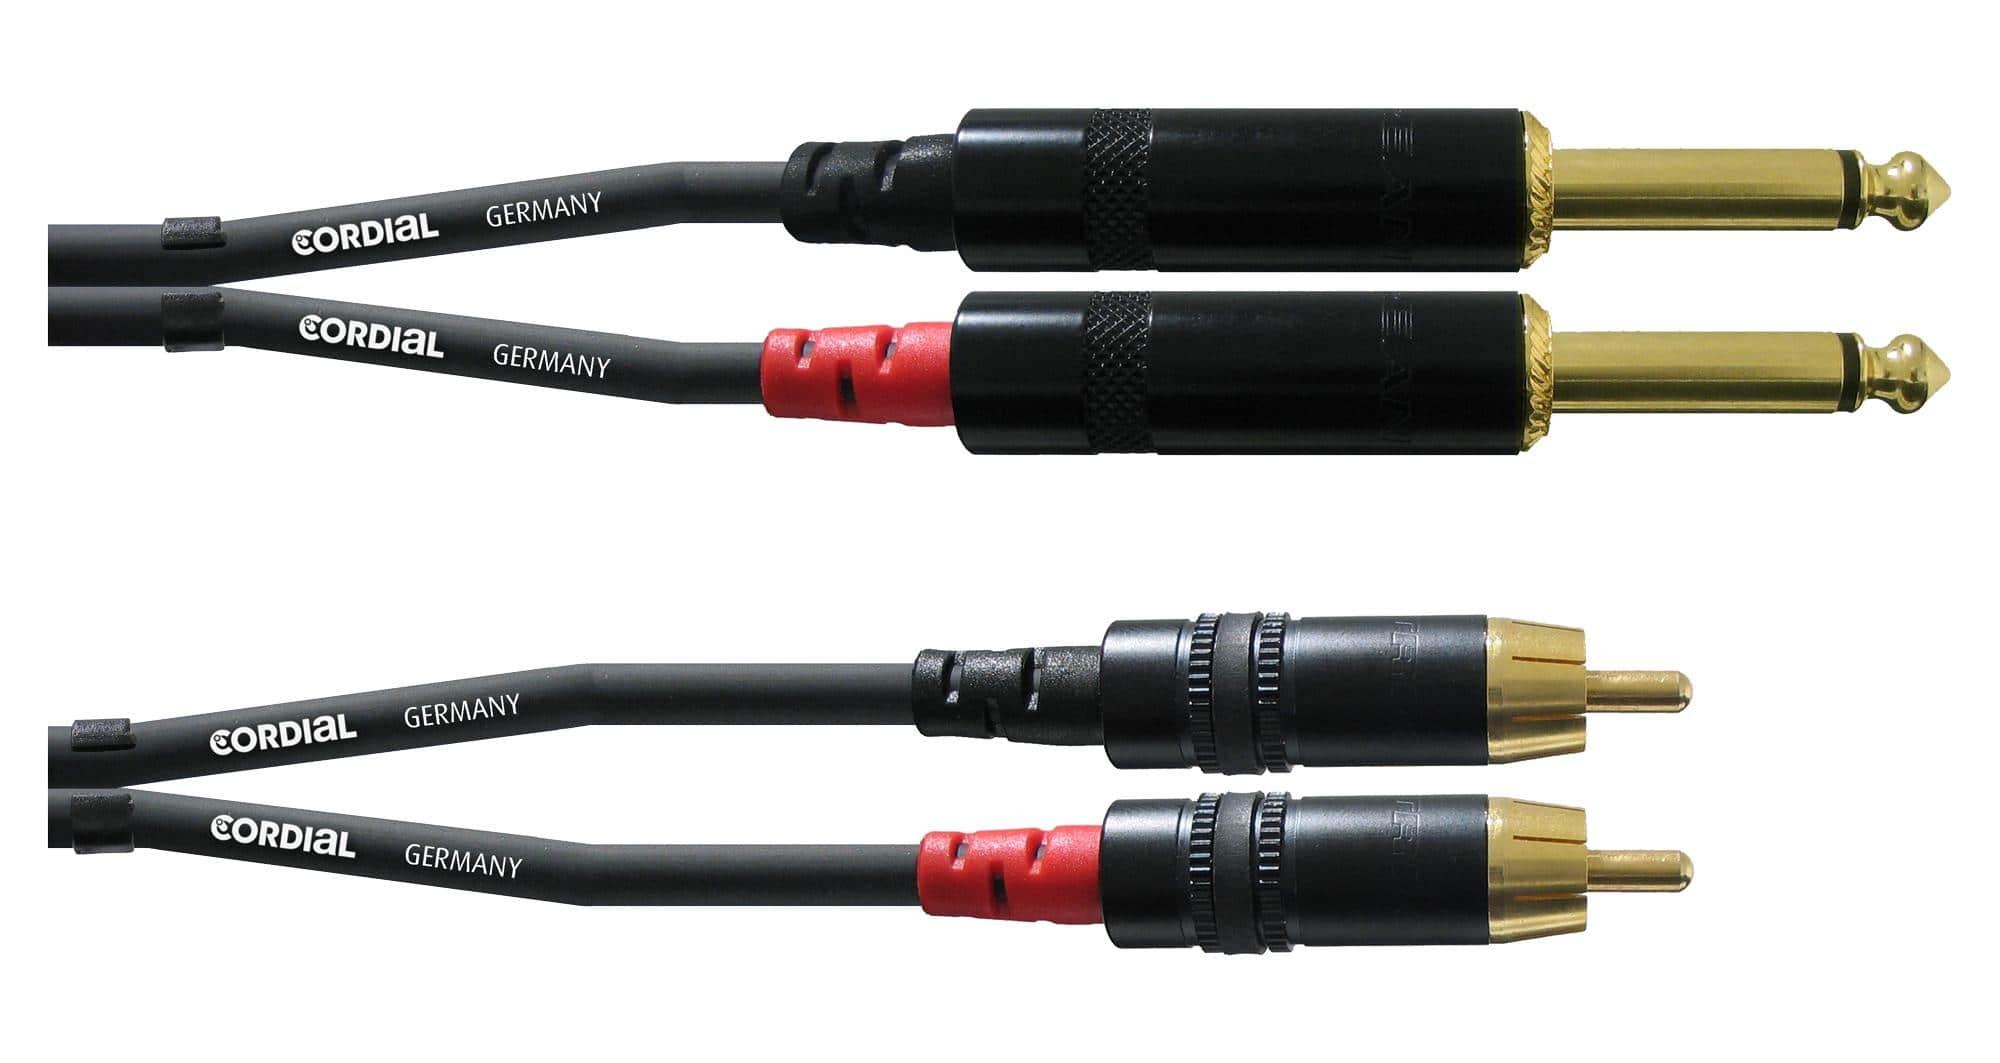 Kabelmulticores - Cordial CFU 3 PC Cinch Klinke Kabel 3m Paar - Onlineshop Musikhaus Kirstein